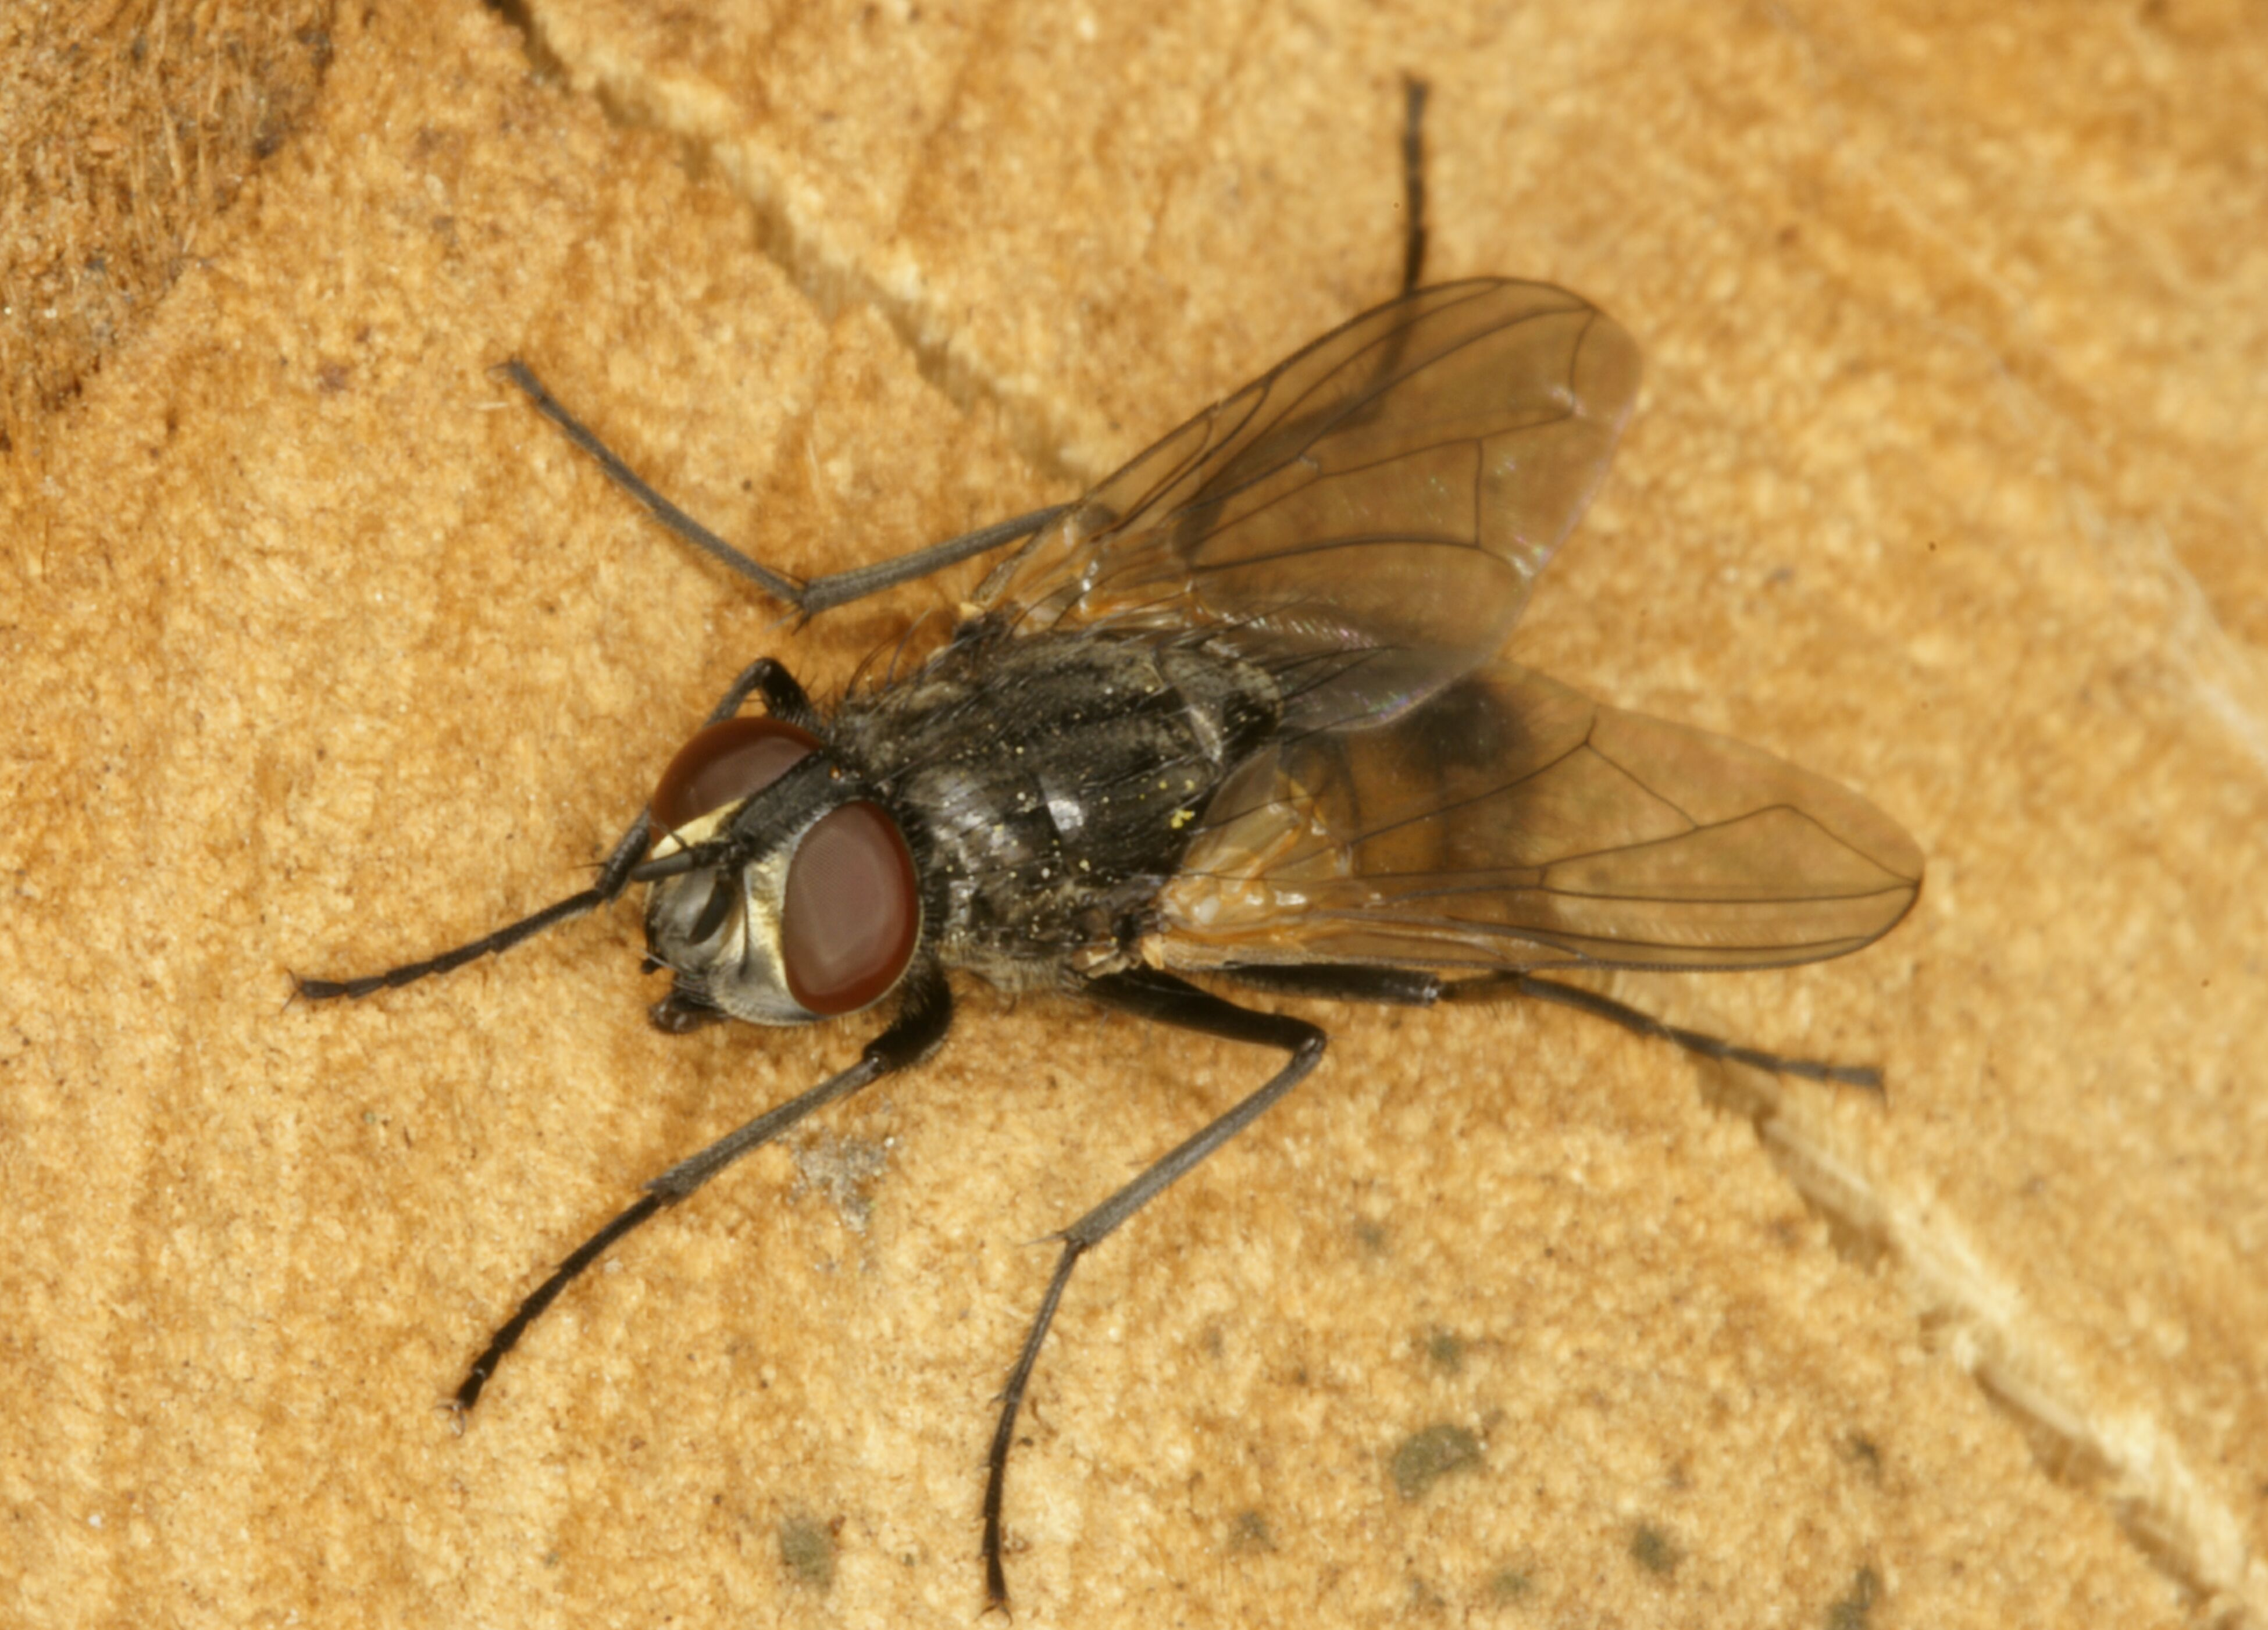 Муха: описание, виды, жизненный цикл, где живут и как питаются насекомые